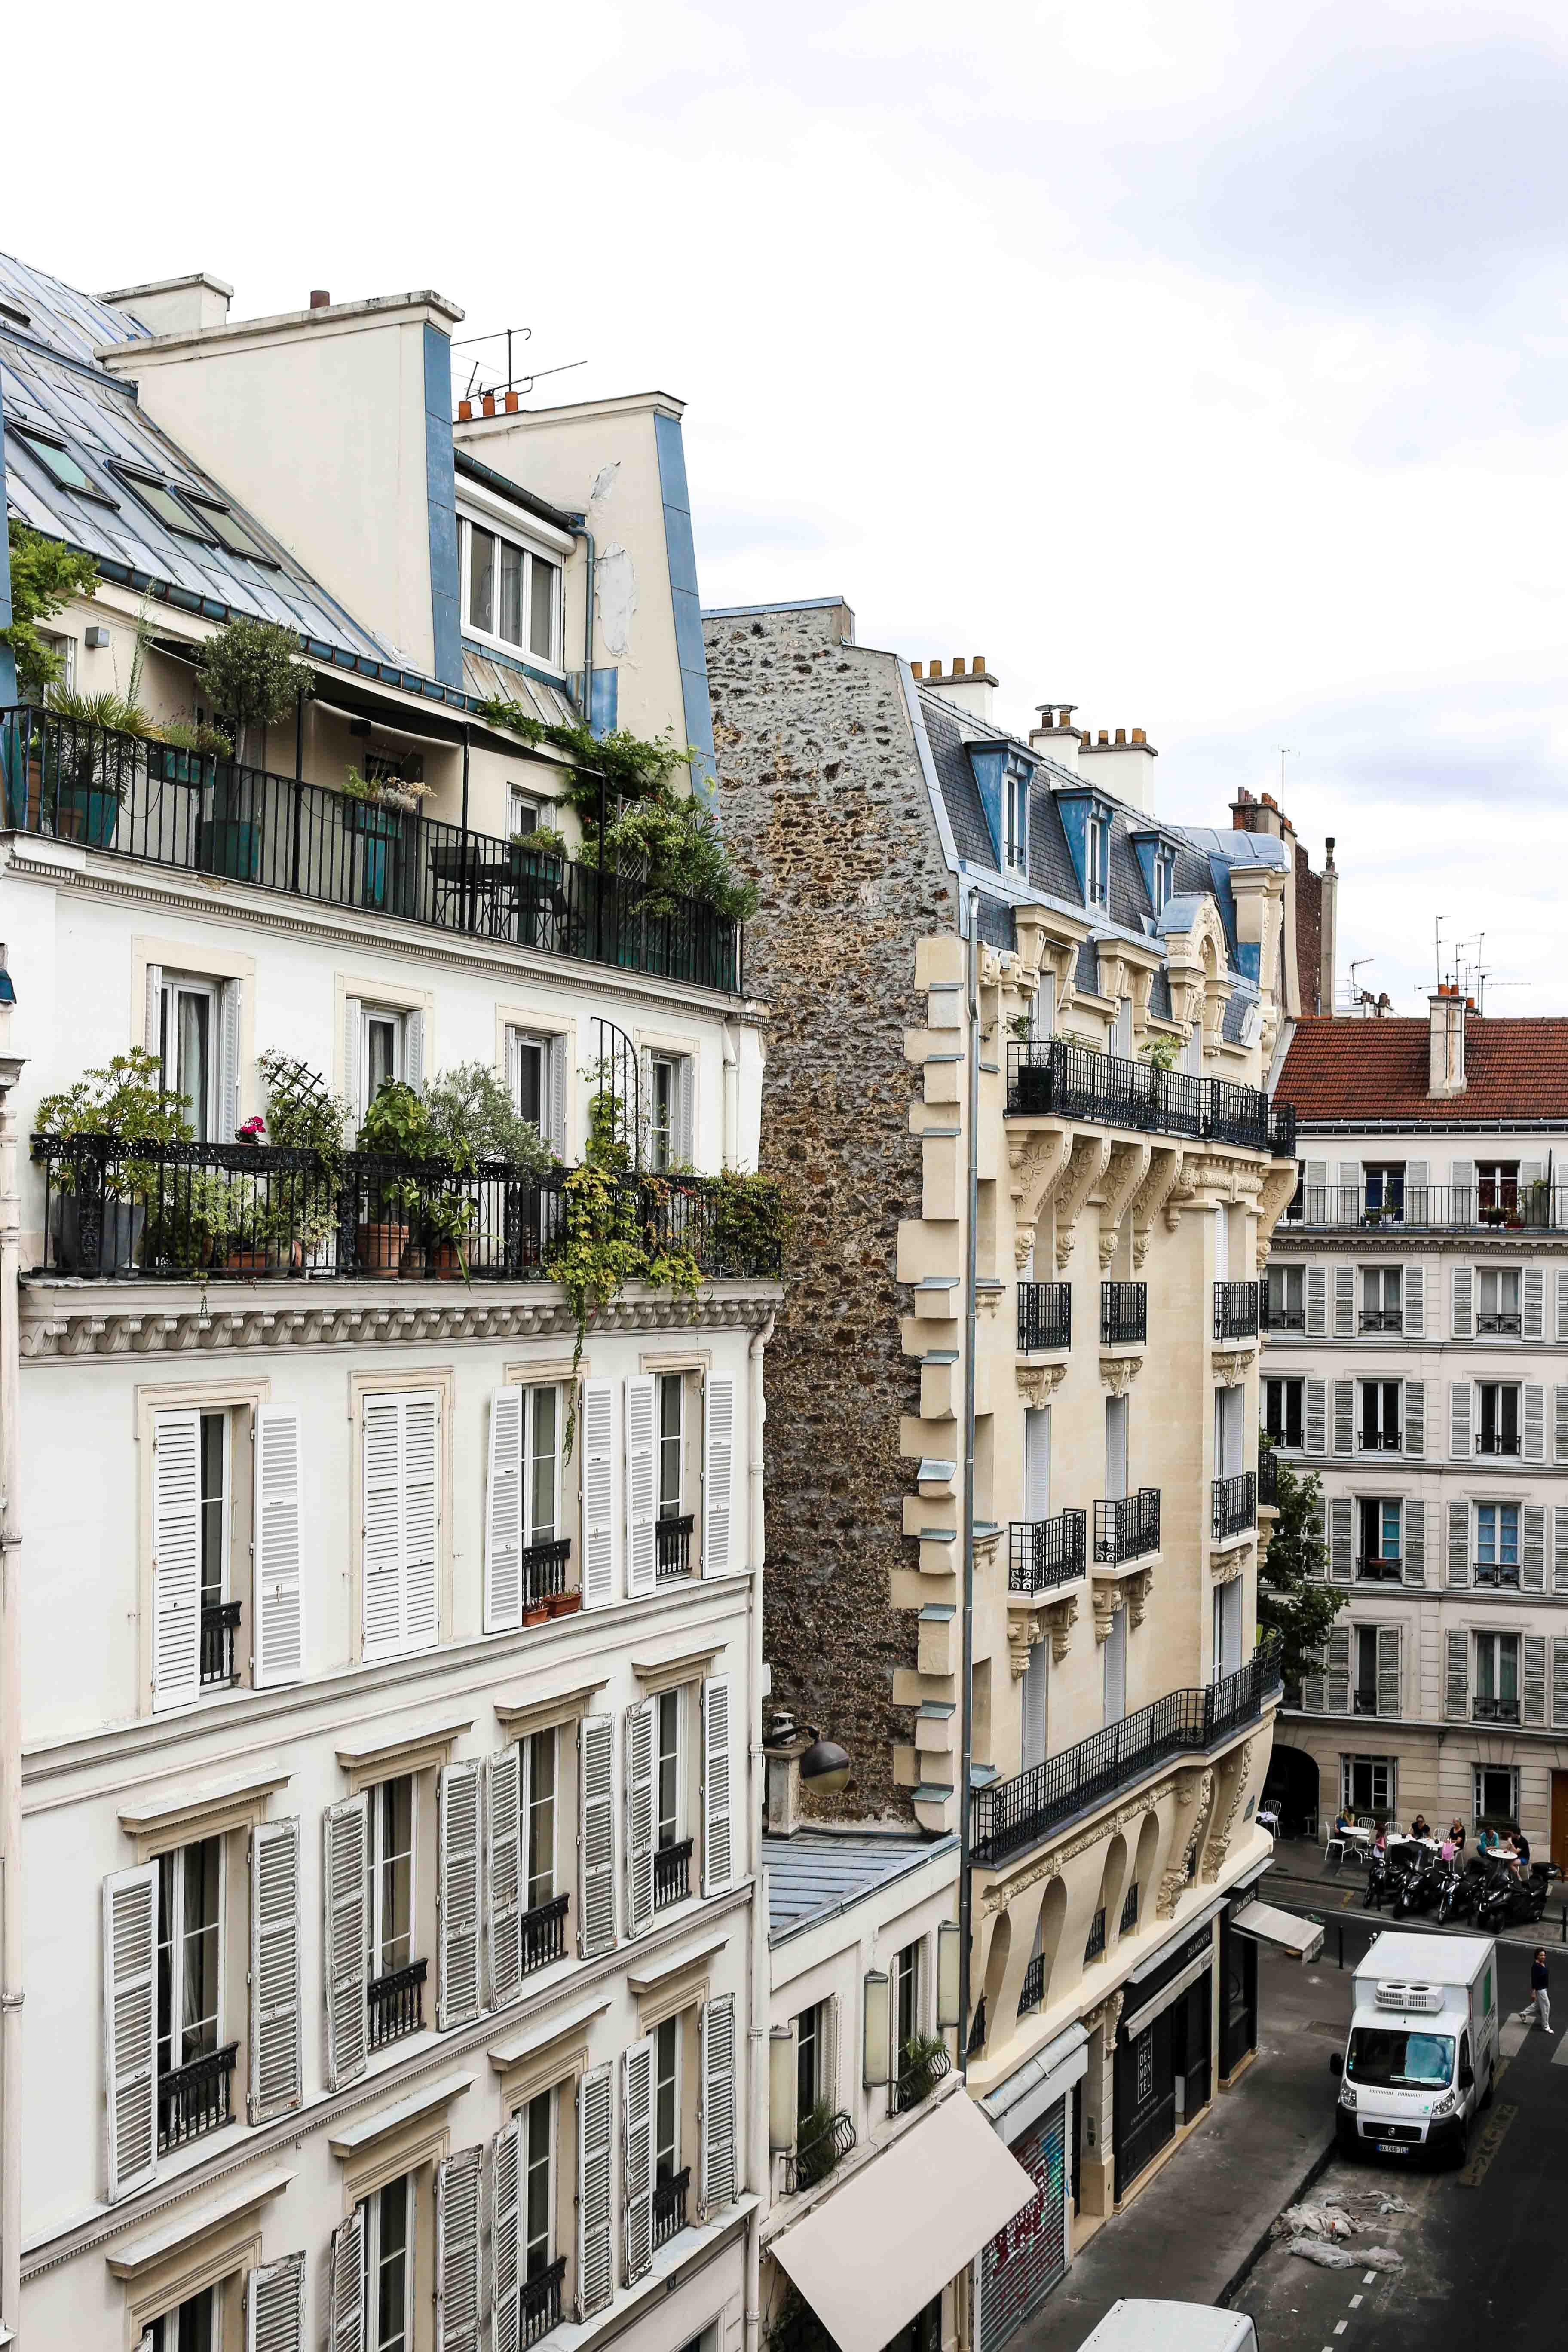 hotel-sacha-happy-culture-montmartre-paris-3-sterne-empfehlung-review-reiseblog-travelblog-blogger_1381